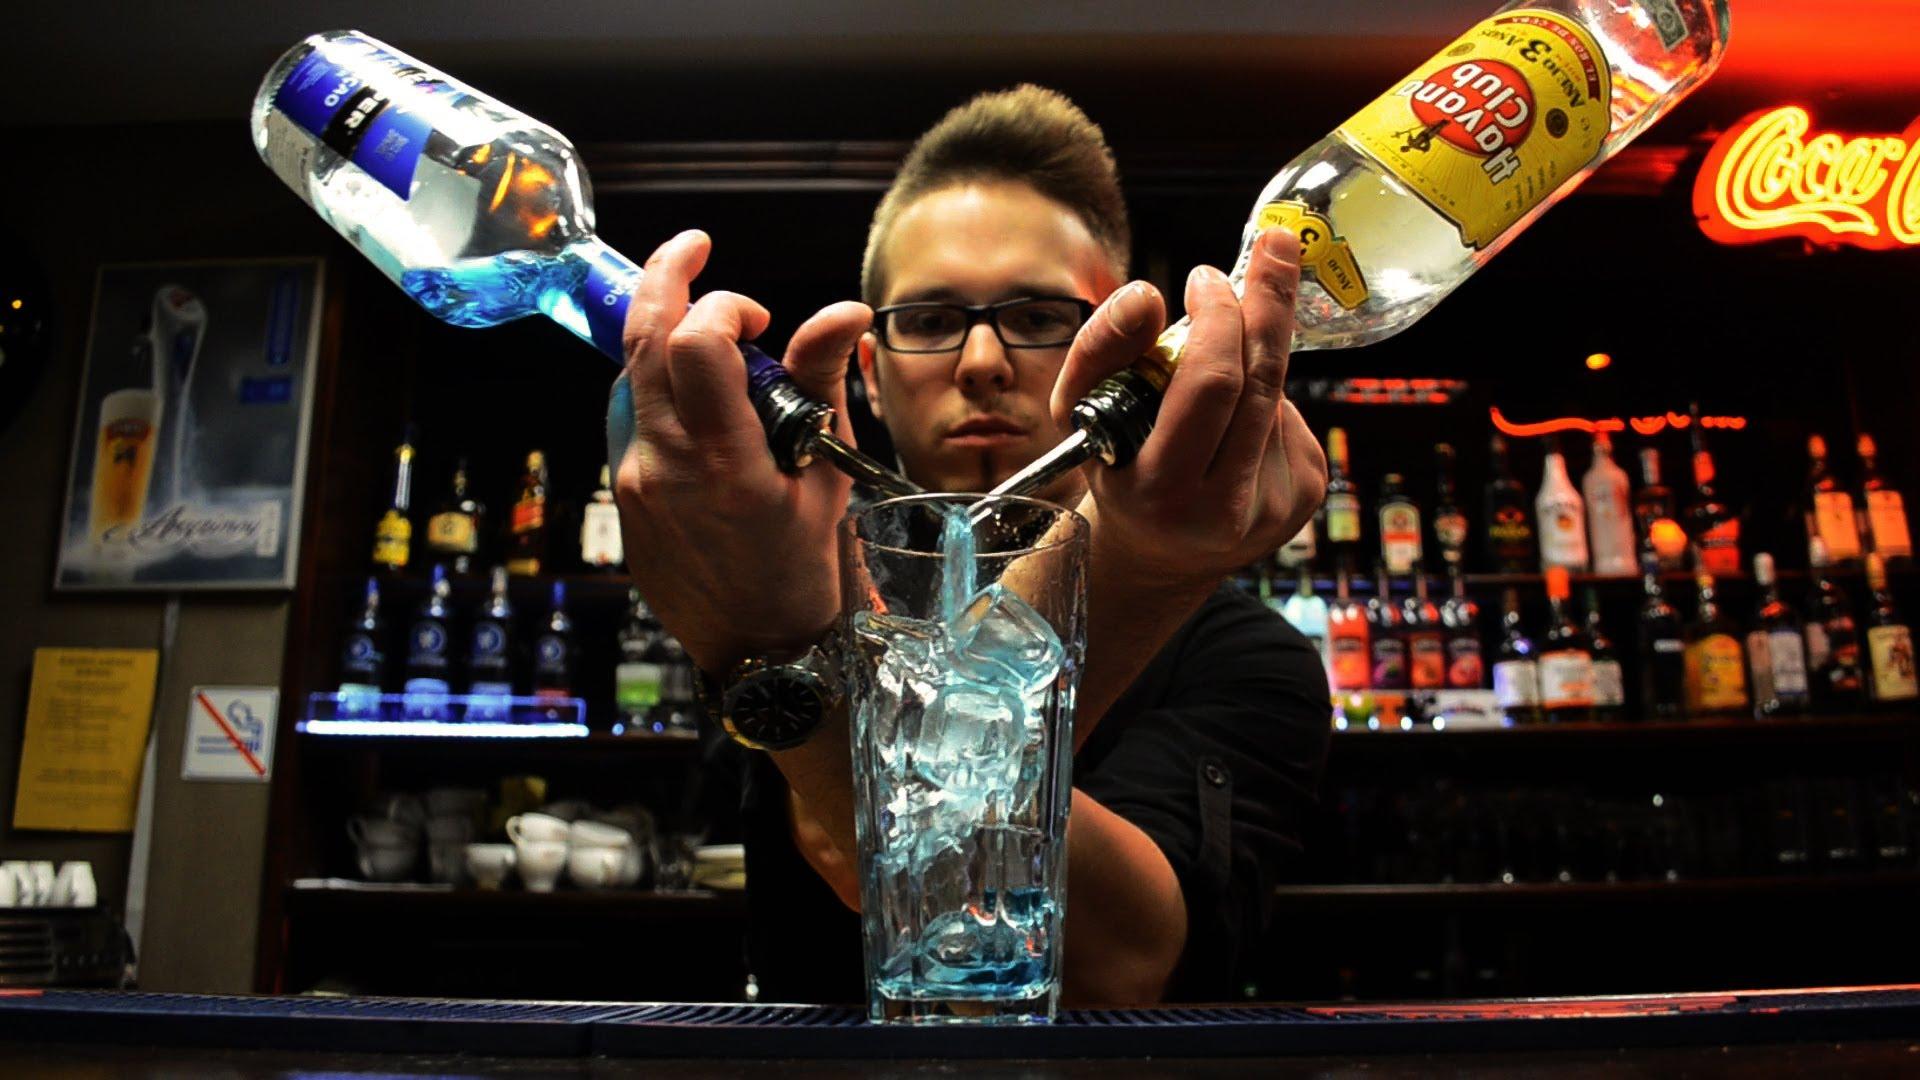 học nghề pha chế đồ uống tại Hà Nội